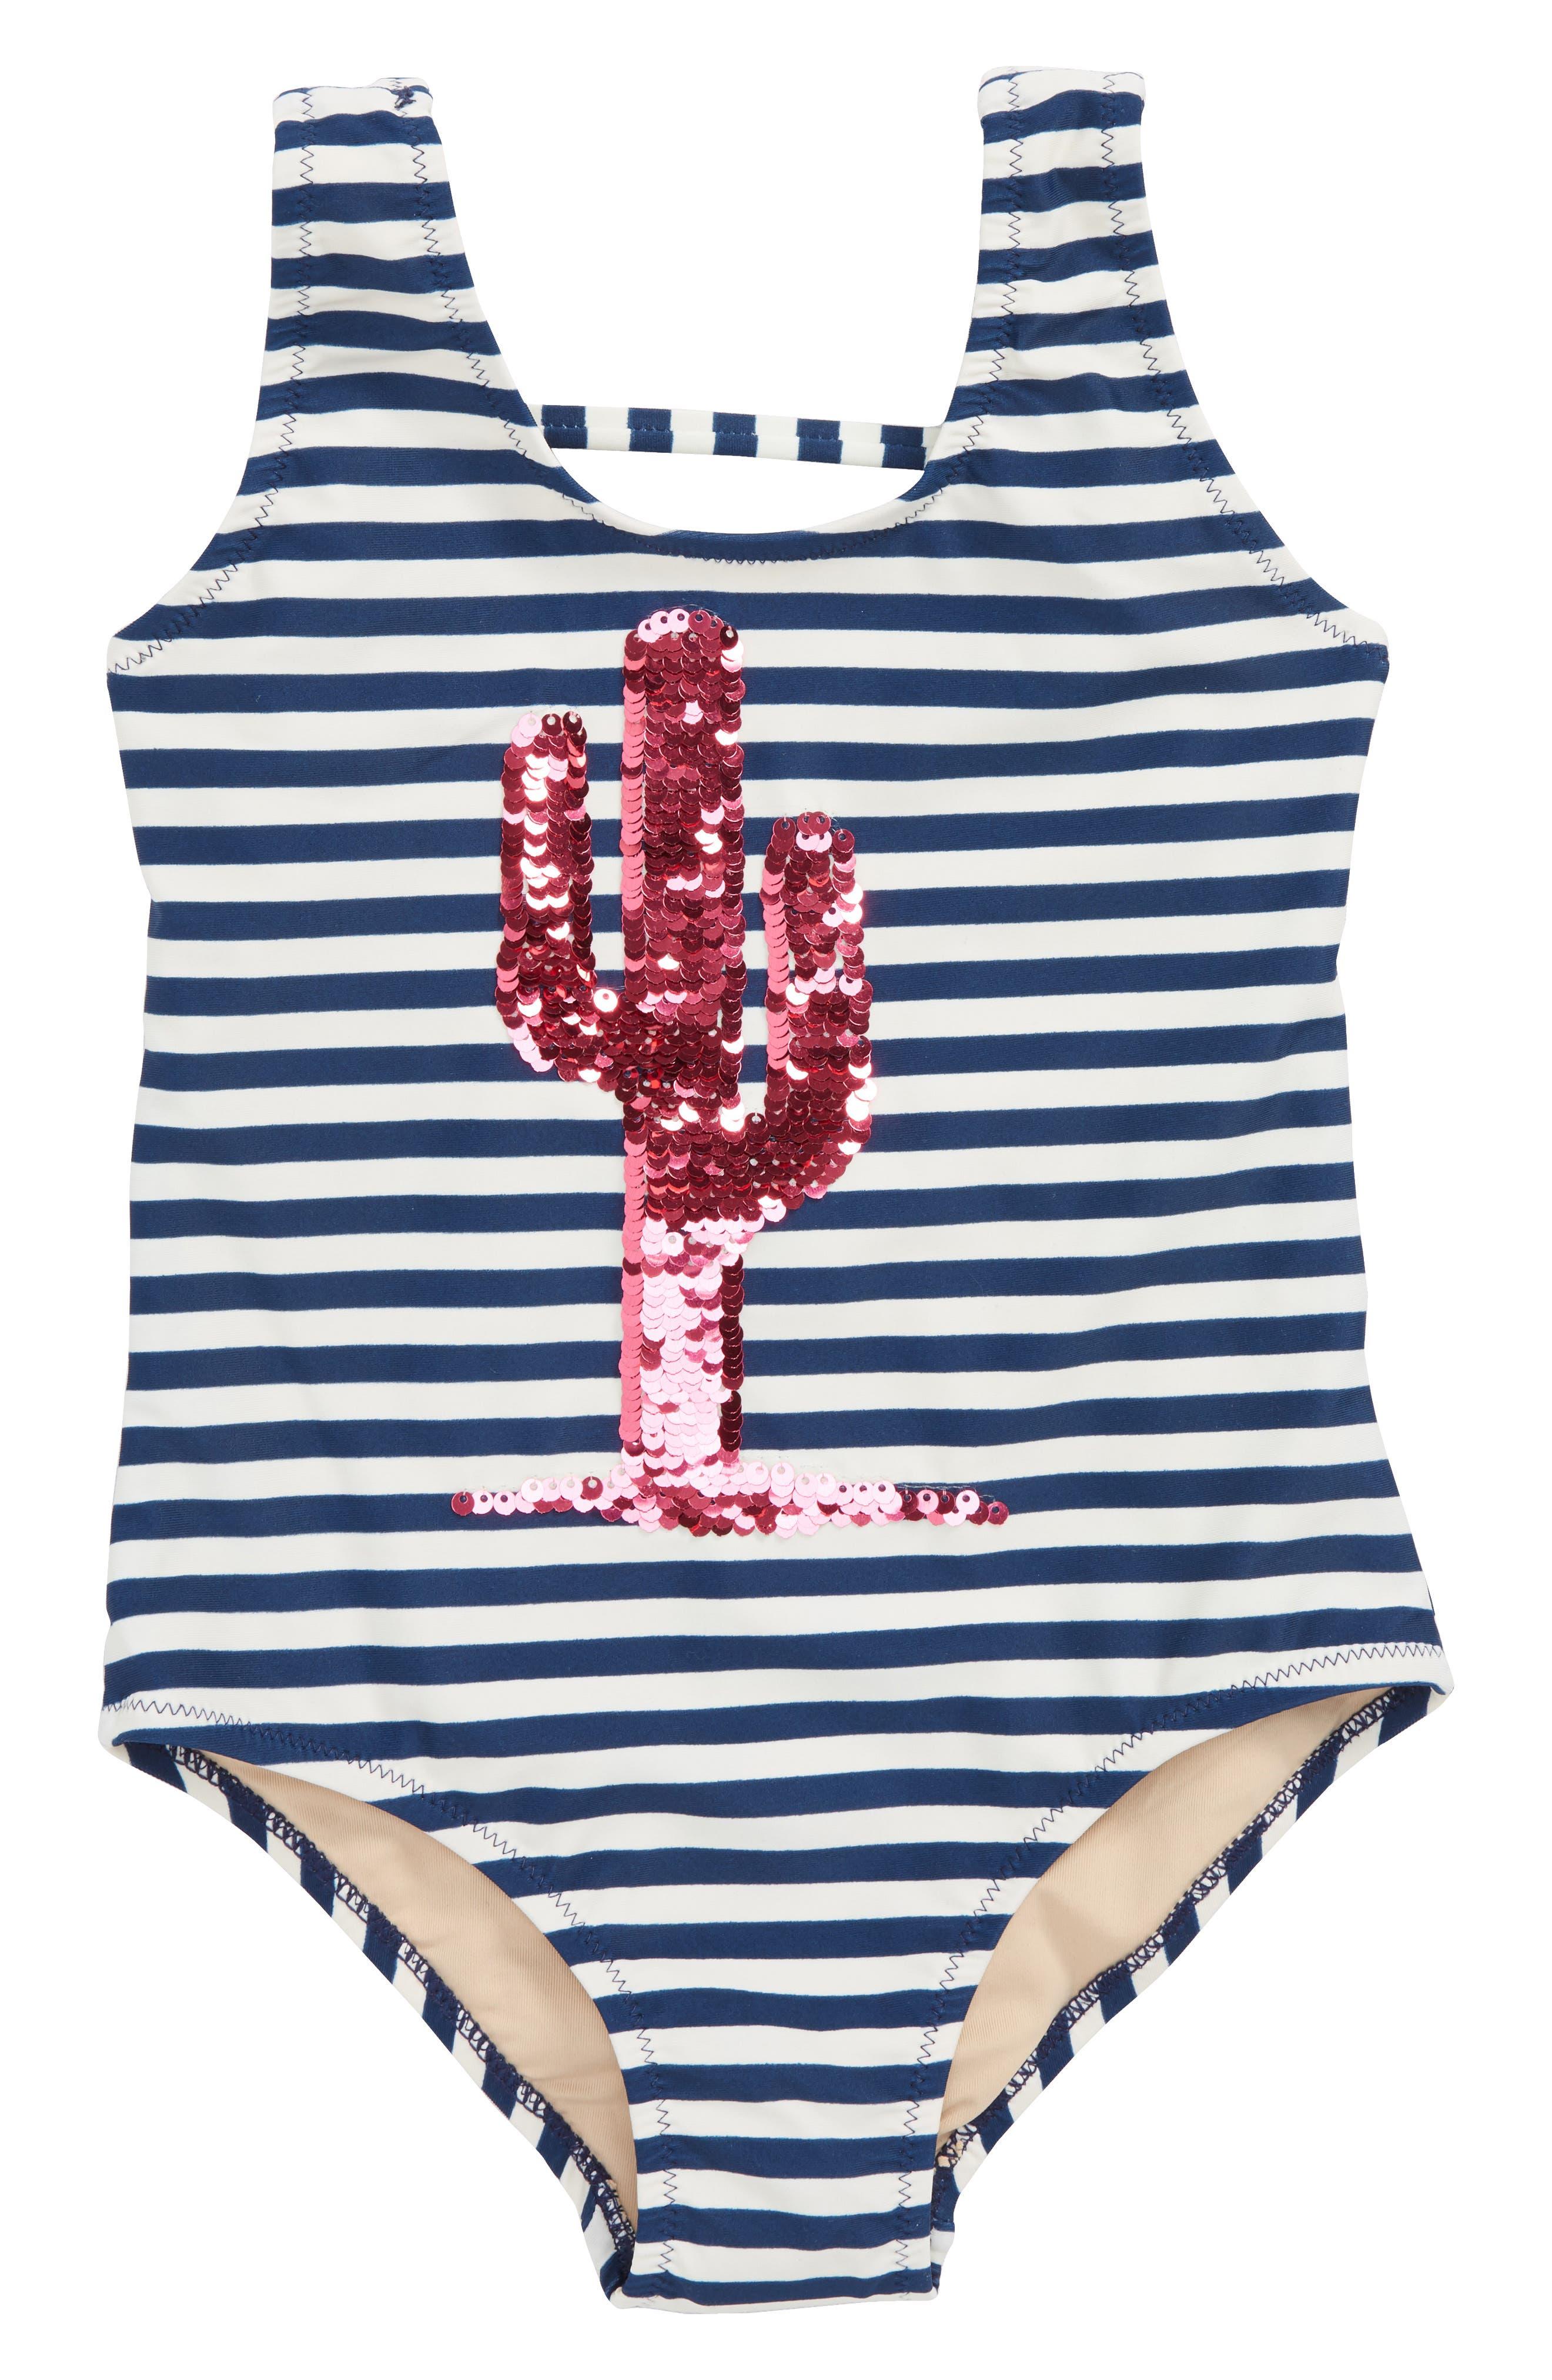 Flip Sequin Cactus One-Piece Swimsuit,                             Main thumbnail 1, color,                             410